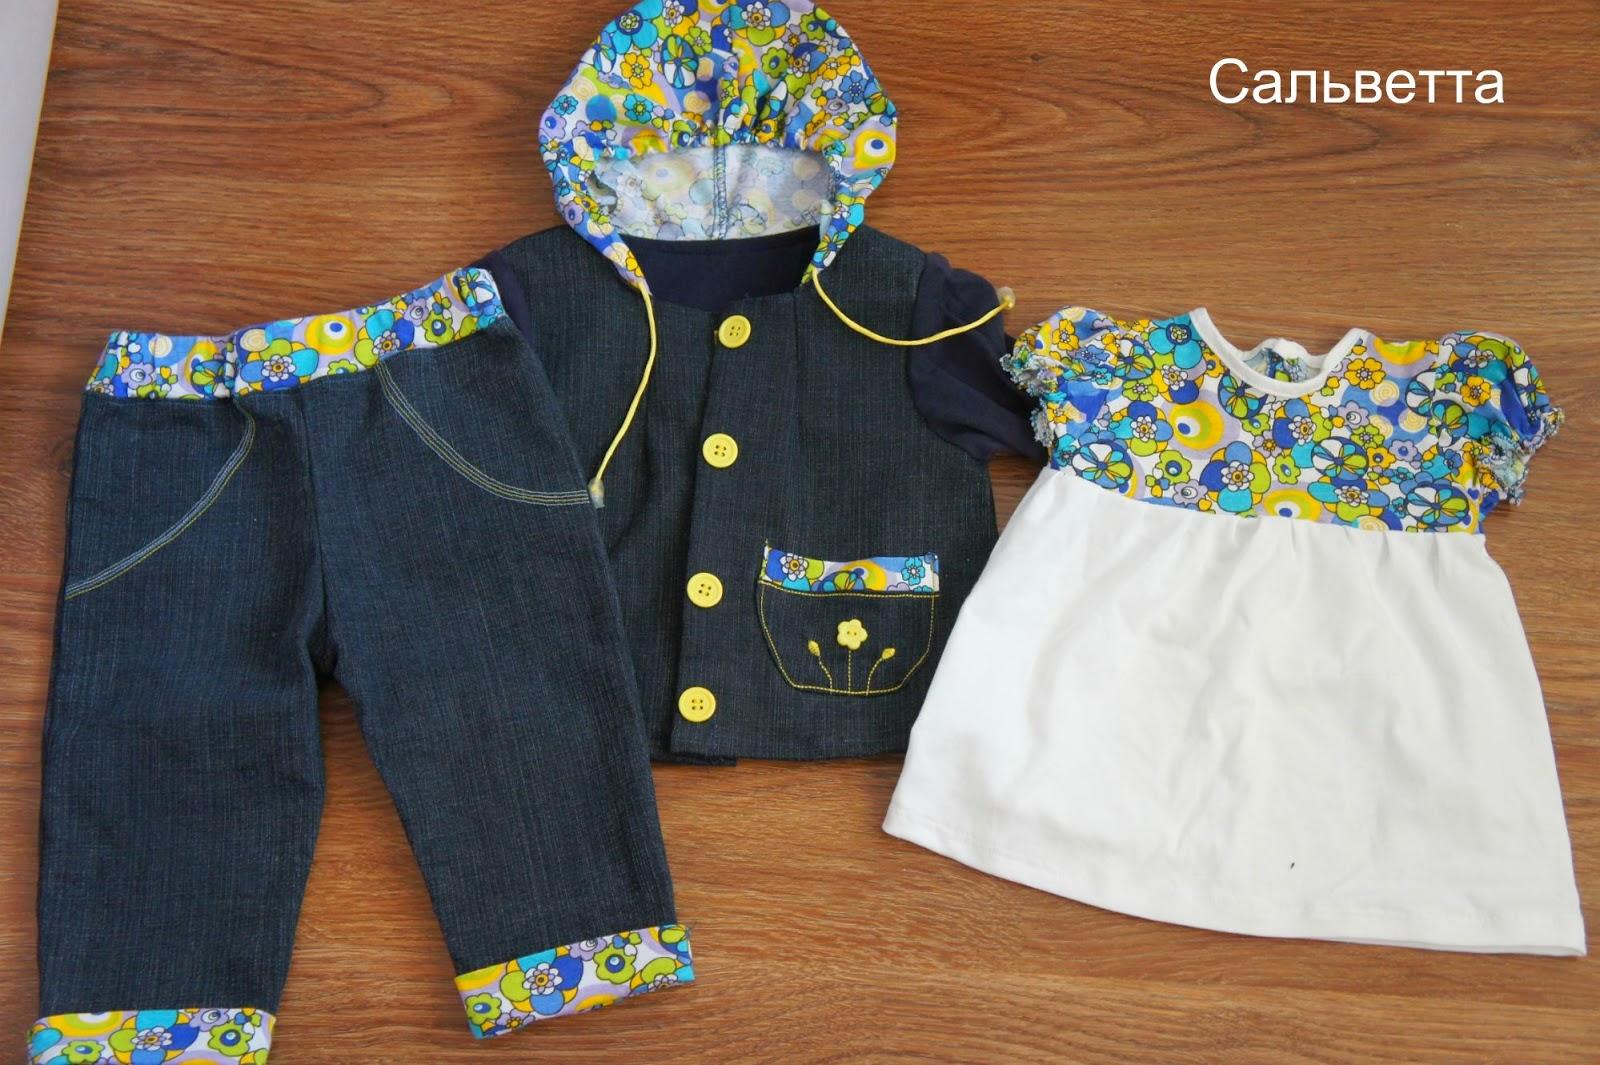 перешиваем старые джинсы в одежду детям